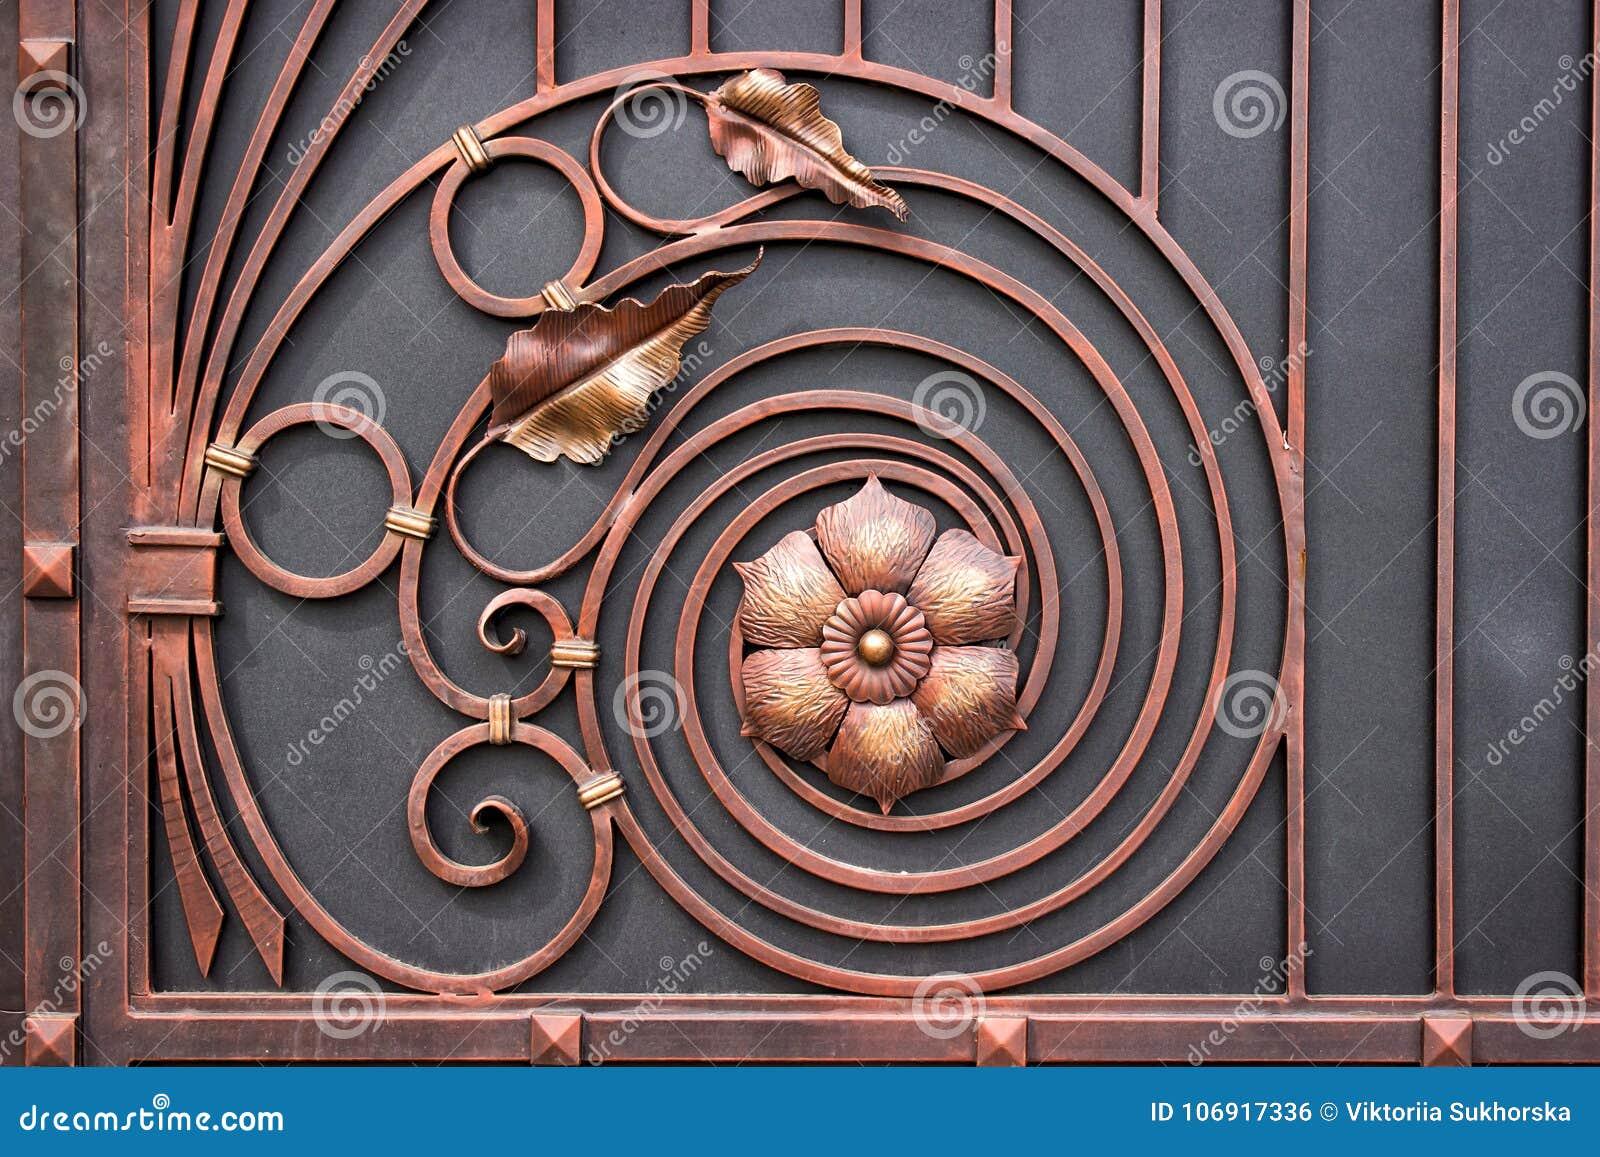 Szczegóły struktury i dekoraci dokonanego żelaza brama Rocznika metalu miedzianego koloru obrazki Dekoracyjna ślimacznica i